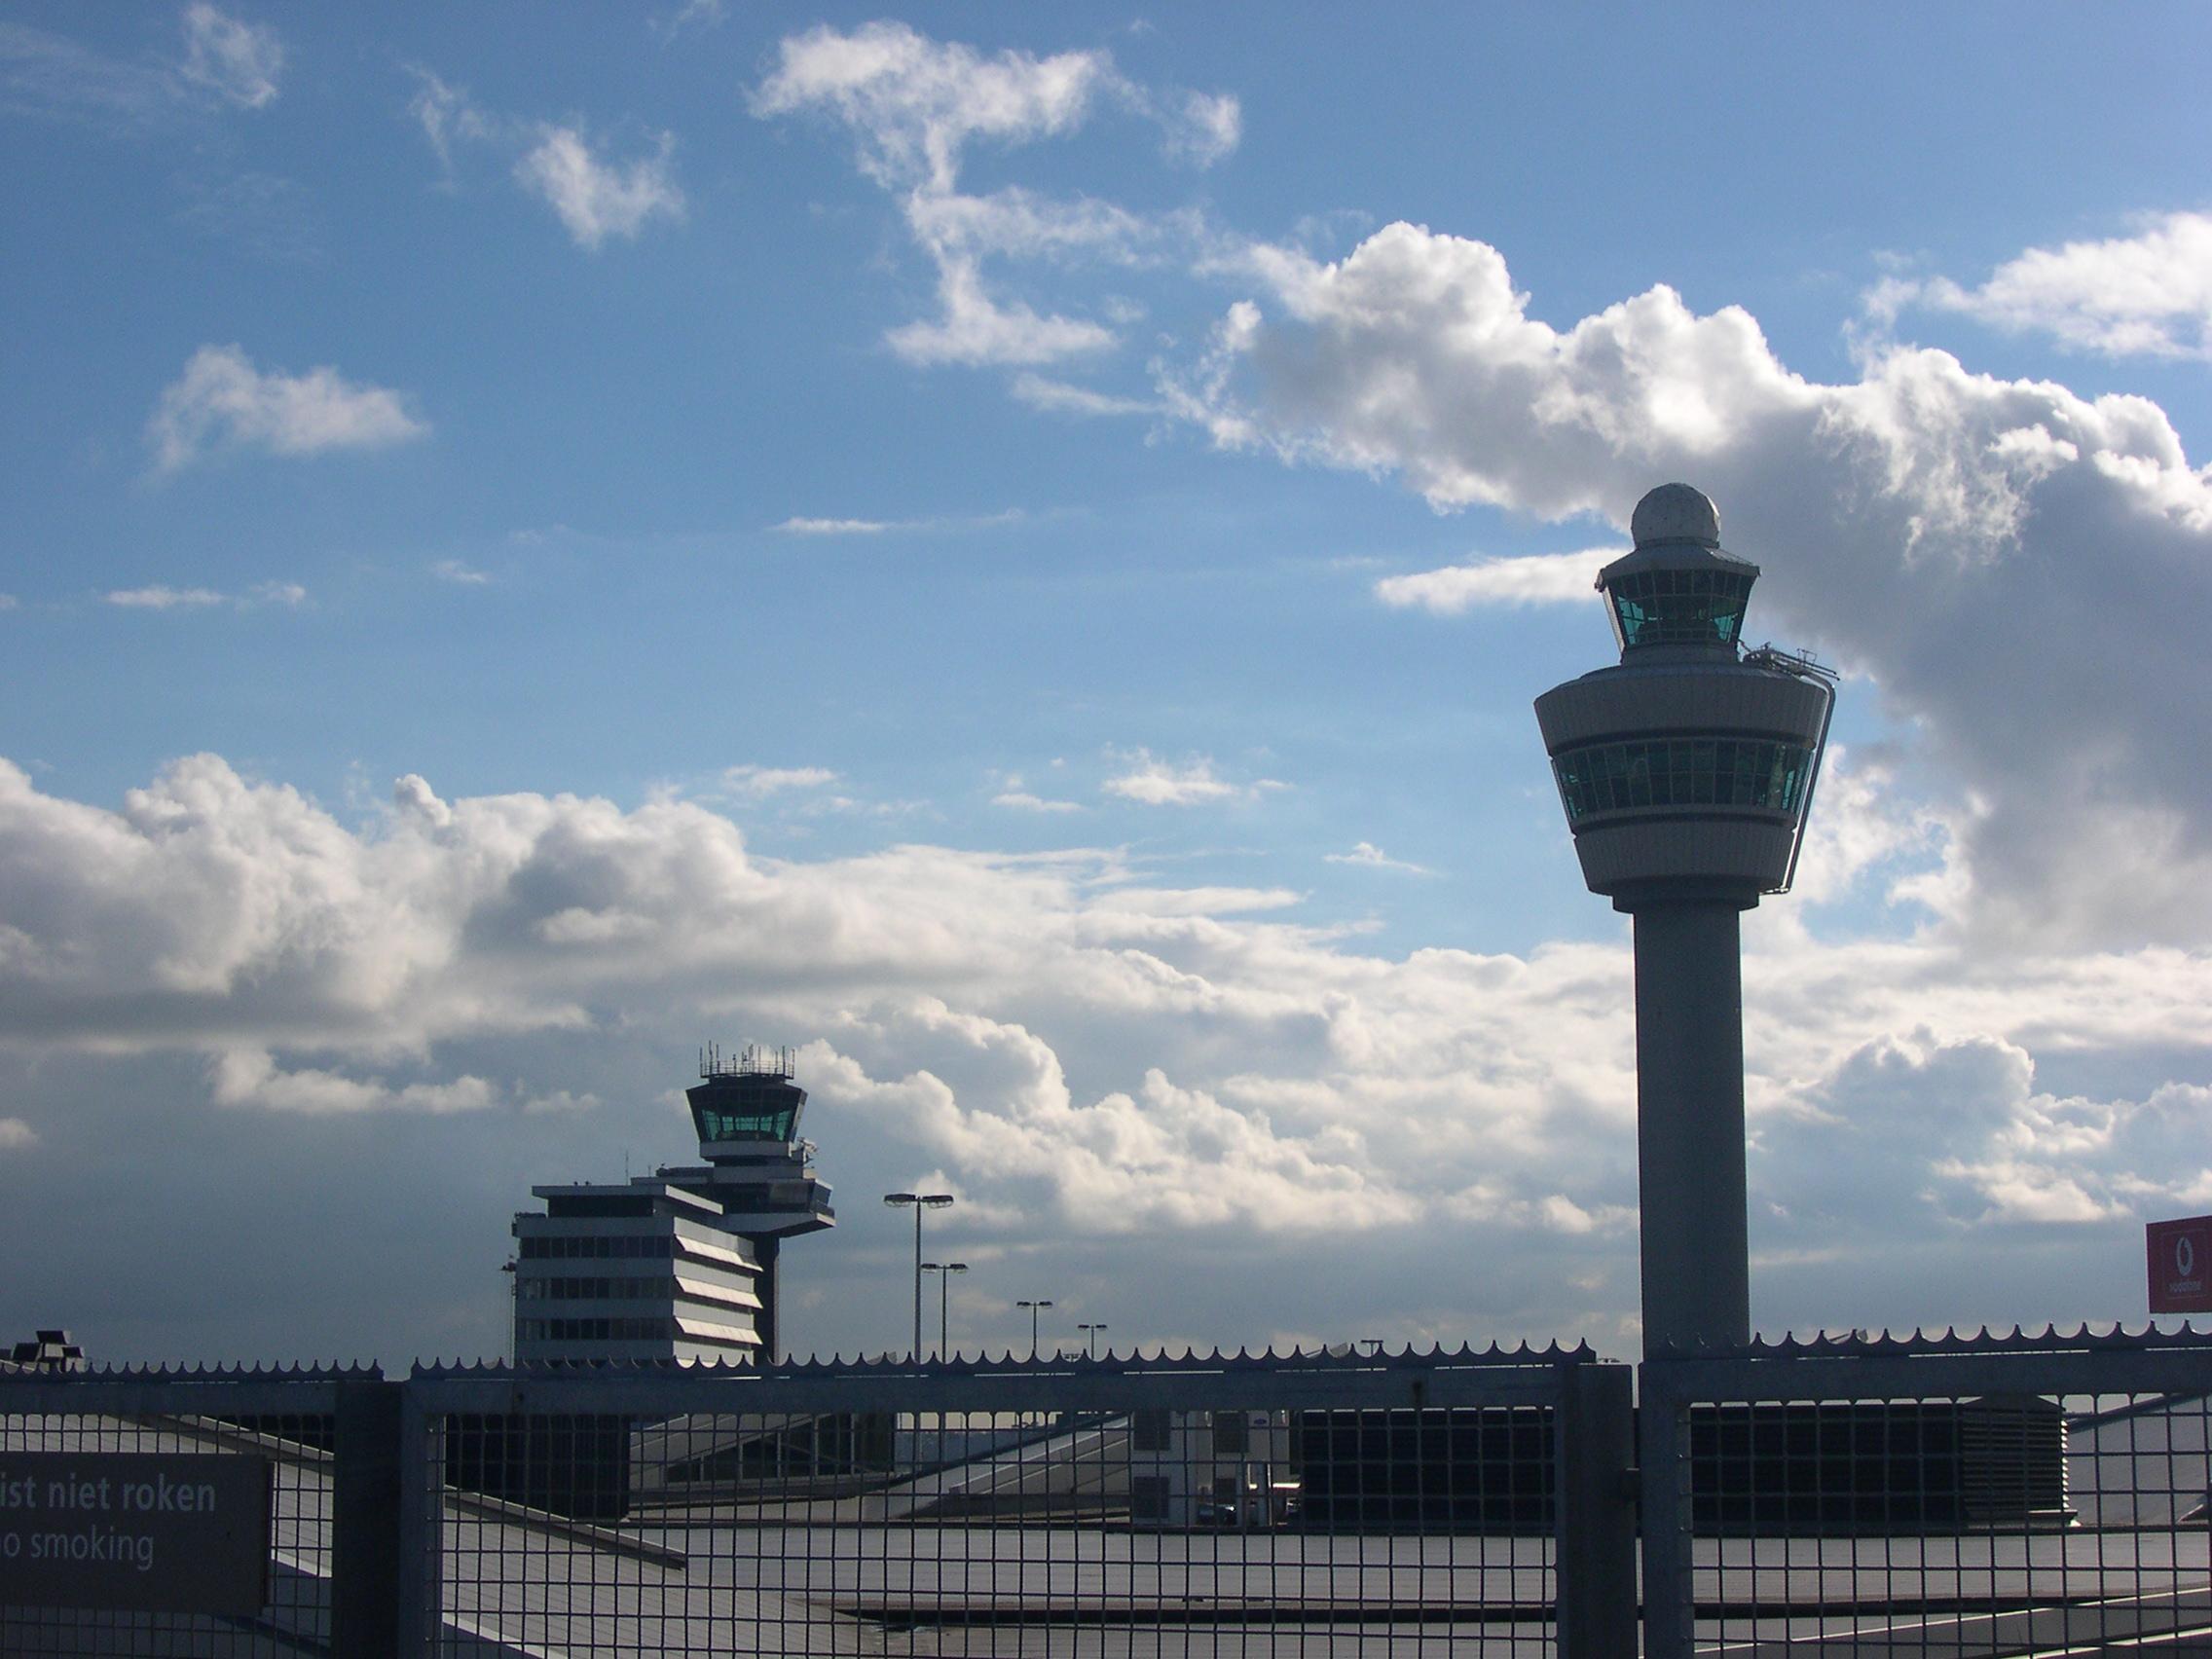 EE.UU. daría detalles en plan de privatización de tráfico aéreo